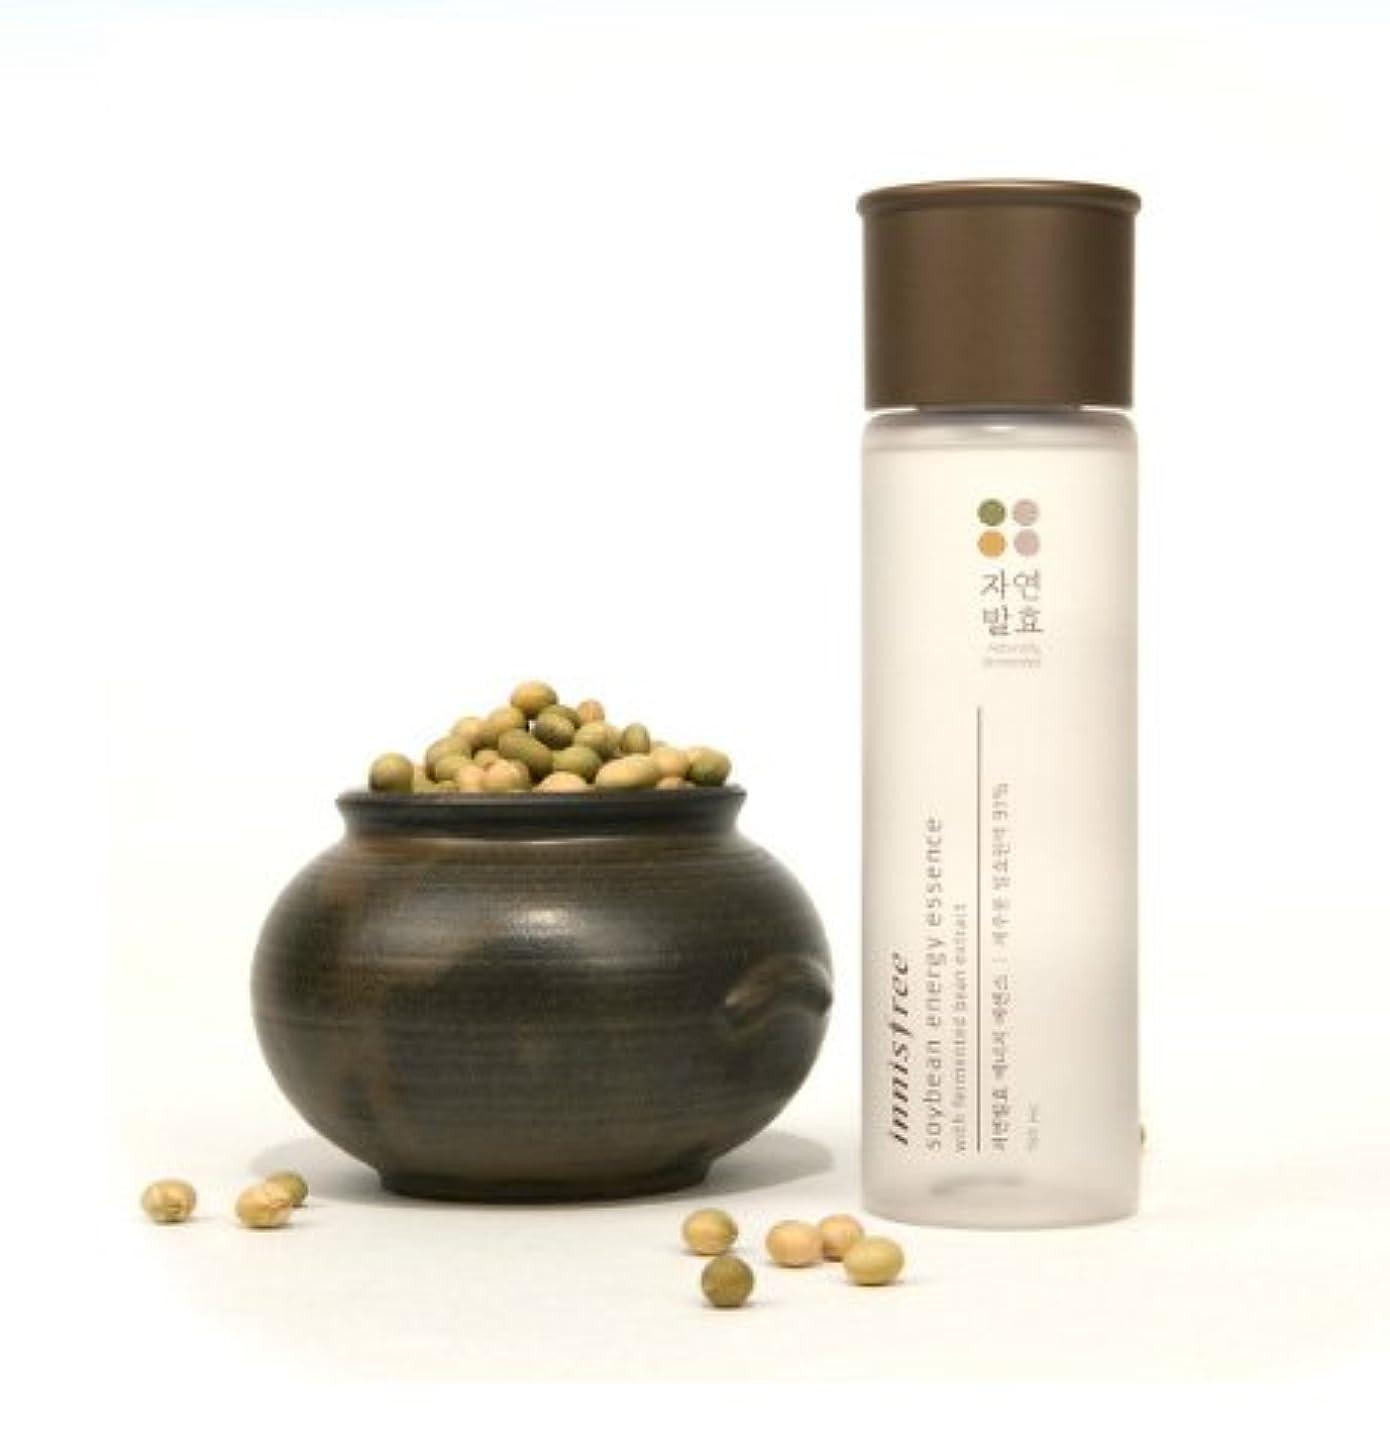 白鳥意外着飾る(Innisfree イニスフリー) Soybean energy essence 自然発酵 エナジー エッセンス 美容液 肌のバリア機能を強化し、健やかでパワーあふれる肌へ導くトータルケアブースター美容液